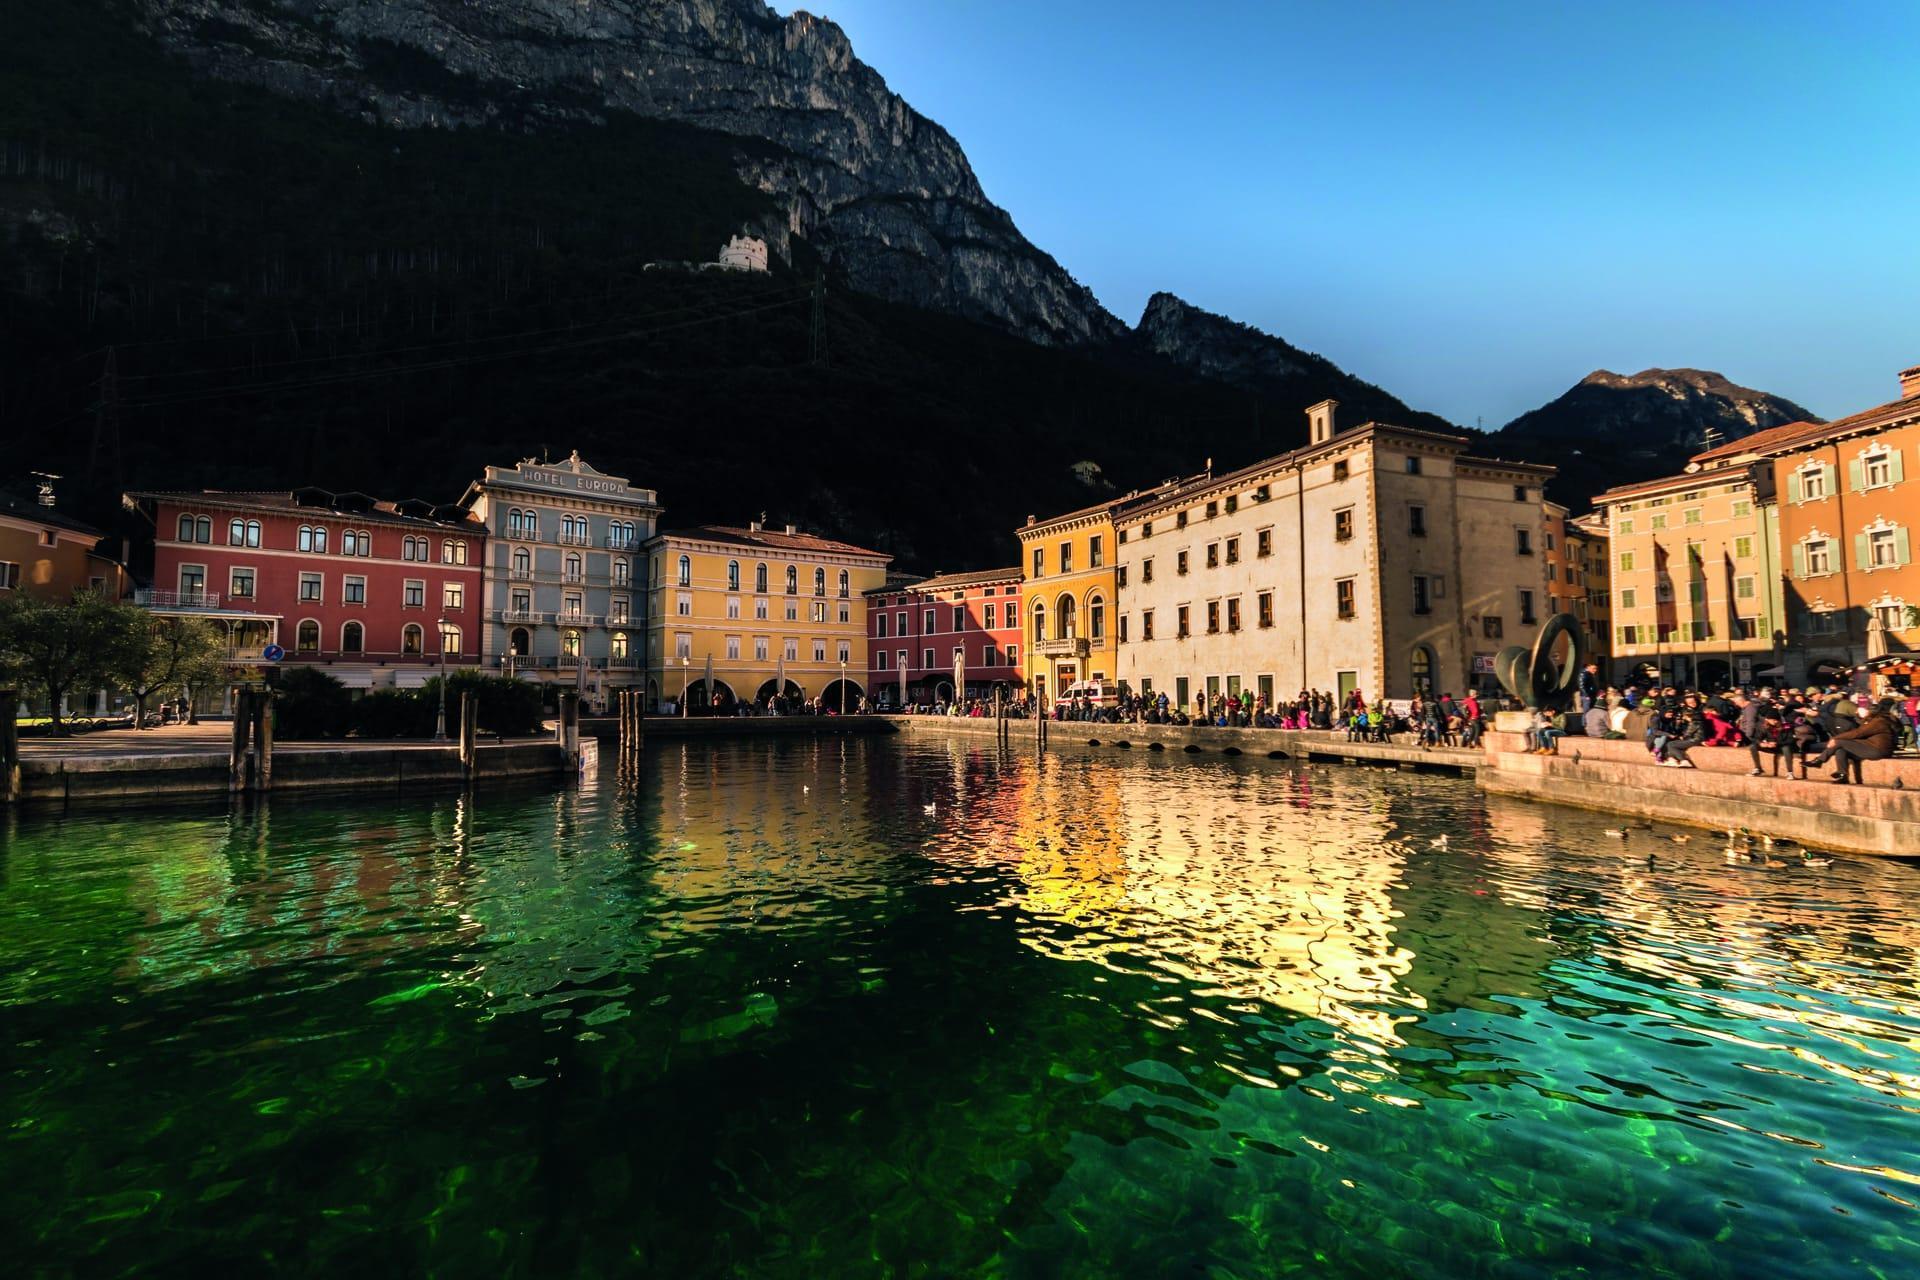 Ambienti Riva Del Garda hotel a riva del garda | hotel antico borgo |sito ufficiale